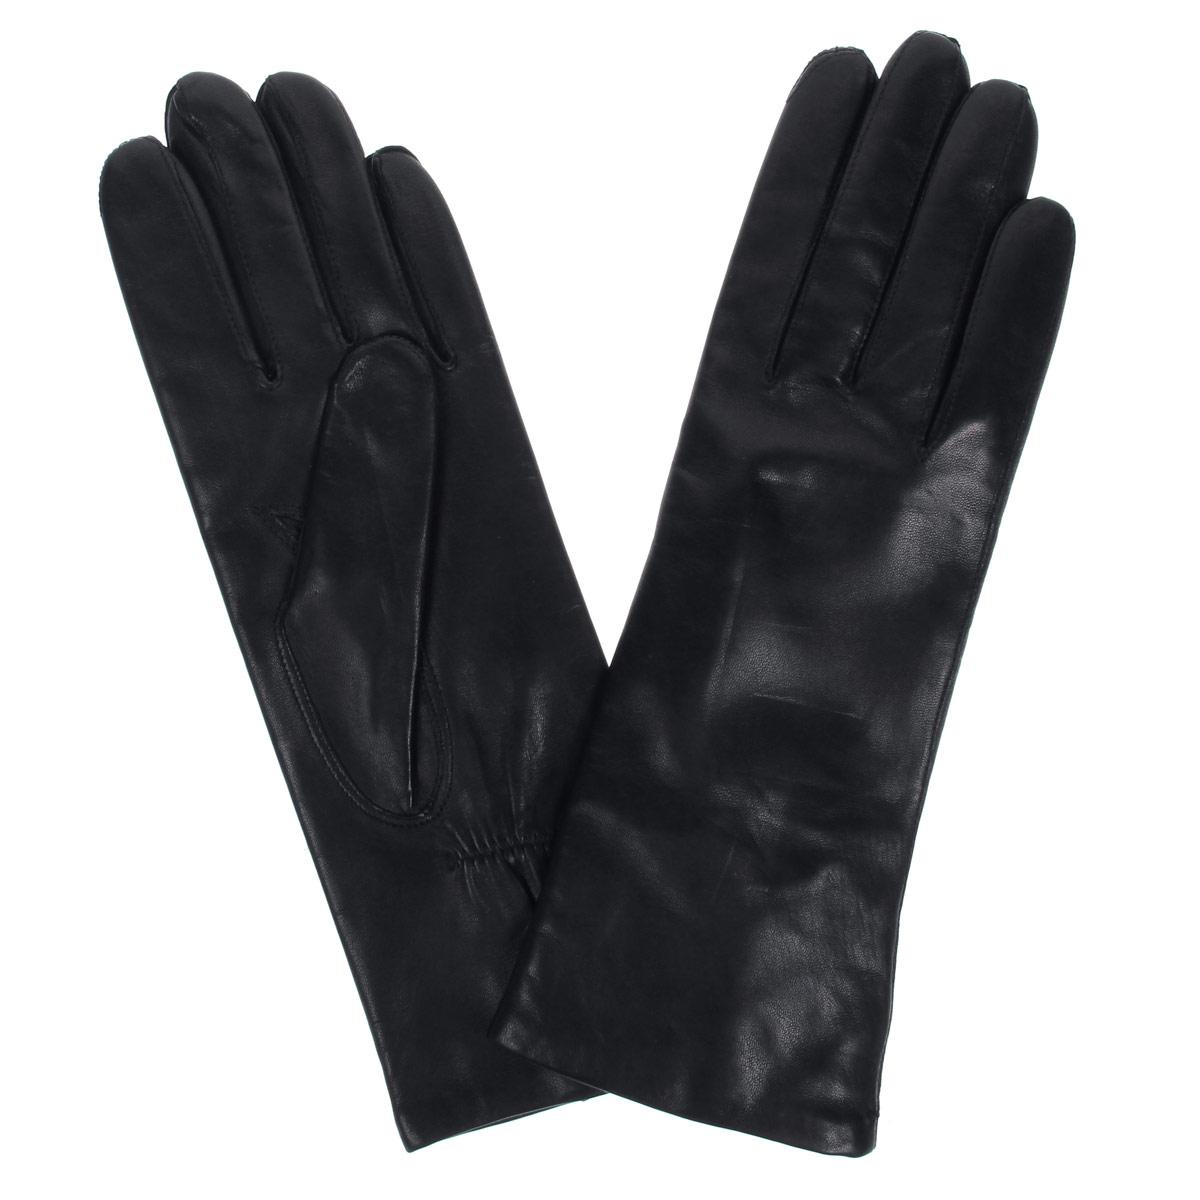 Перчатки женские. DF12-231-rDF12-231-rСтильные женские перчатки Bartoc не только защитят ваши руки от холода, но и станут великолепным украшением. Они выполнены из мягкой и приятной на ощупь натуральной кожи ягненка, подкладка - из шерсти. На тыльной стороне перчатки присборены на небольшие резиночки для лучшего прилегания к запястью. Перчатки являются неотъемлемой принадлежностью одежды, вместе с этим аксессуаром вы обретаете женственность и элегантность. Они станут завершающим и подчеркивающим элементом вашего неповторимого стиля и индивидуальности.